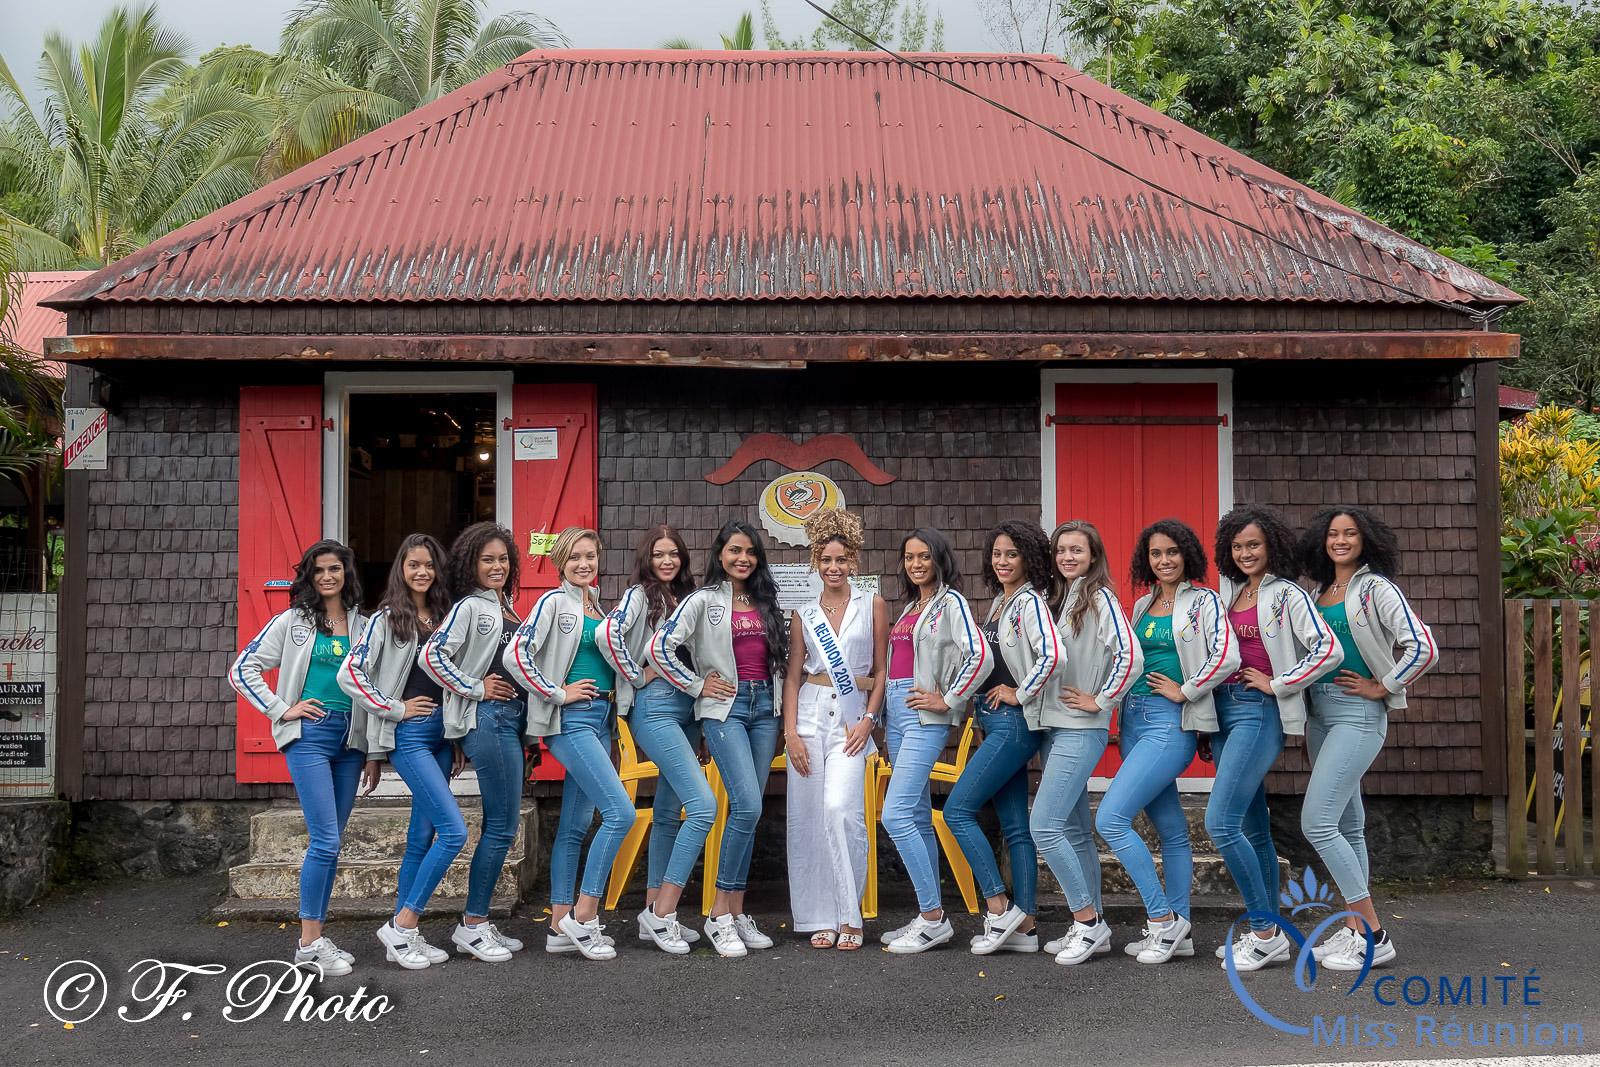 Les 12 candidates Miss Réunion 2021 avec Lyna Boyer, Miss Réunion 2020, 5èm dauphine Miss France 2021